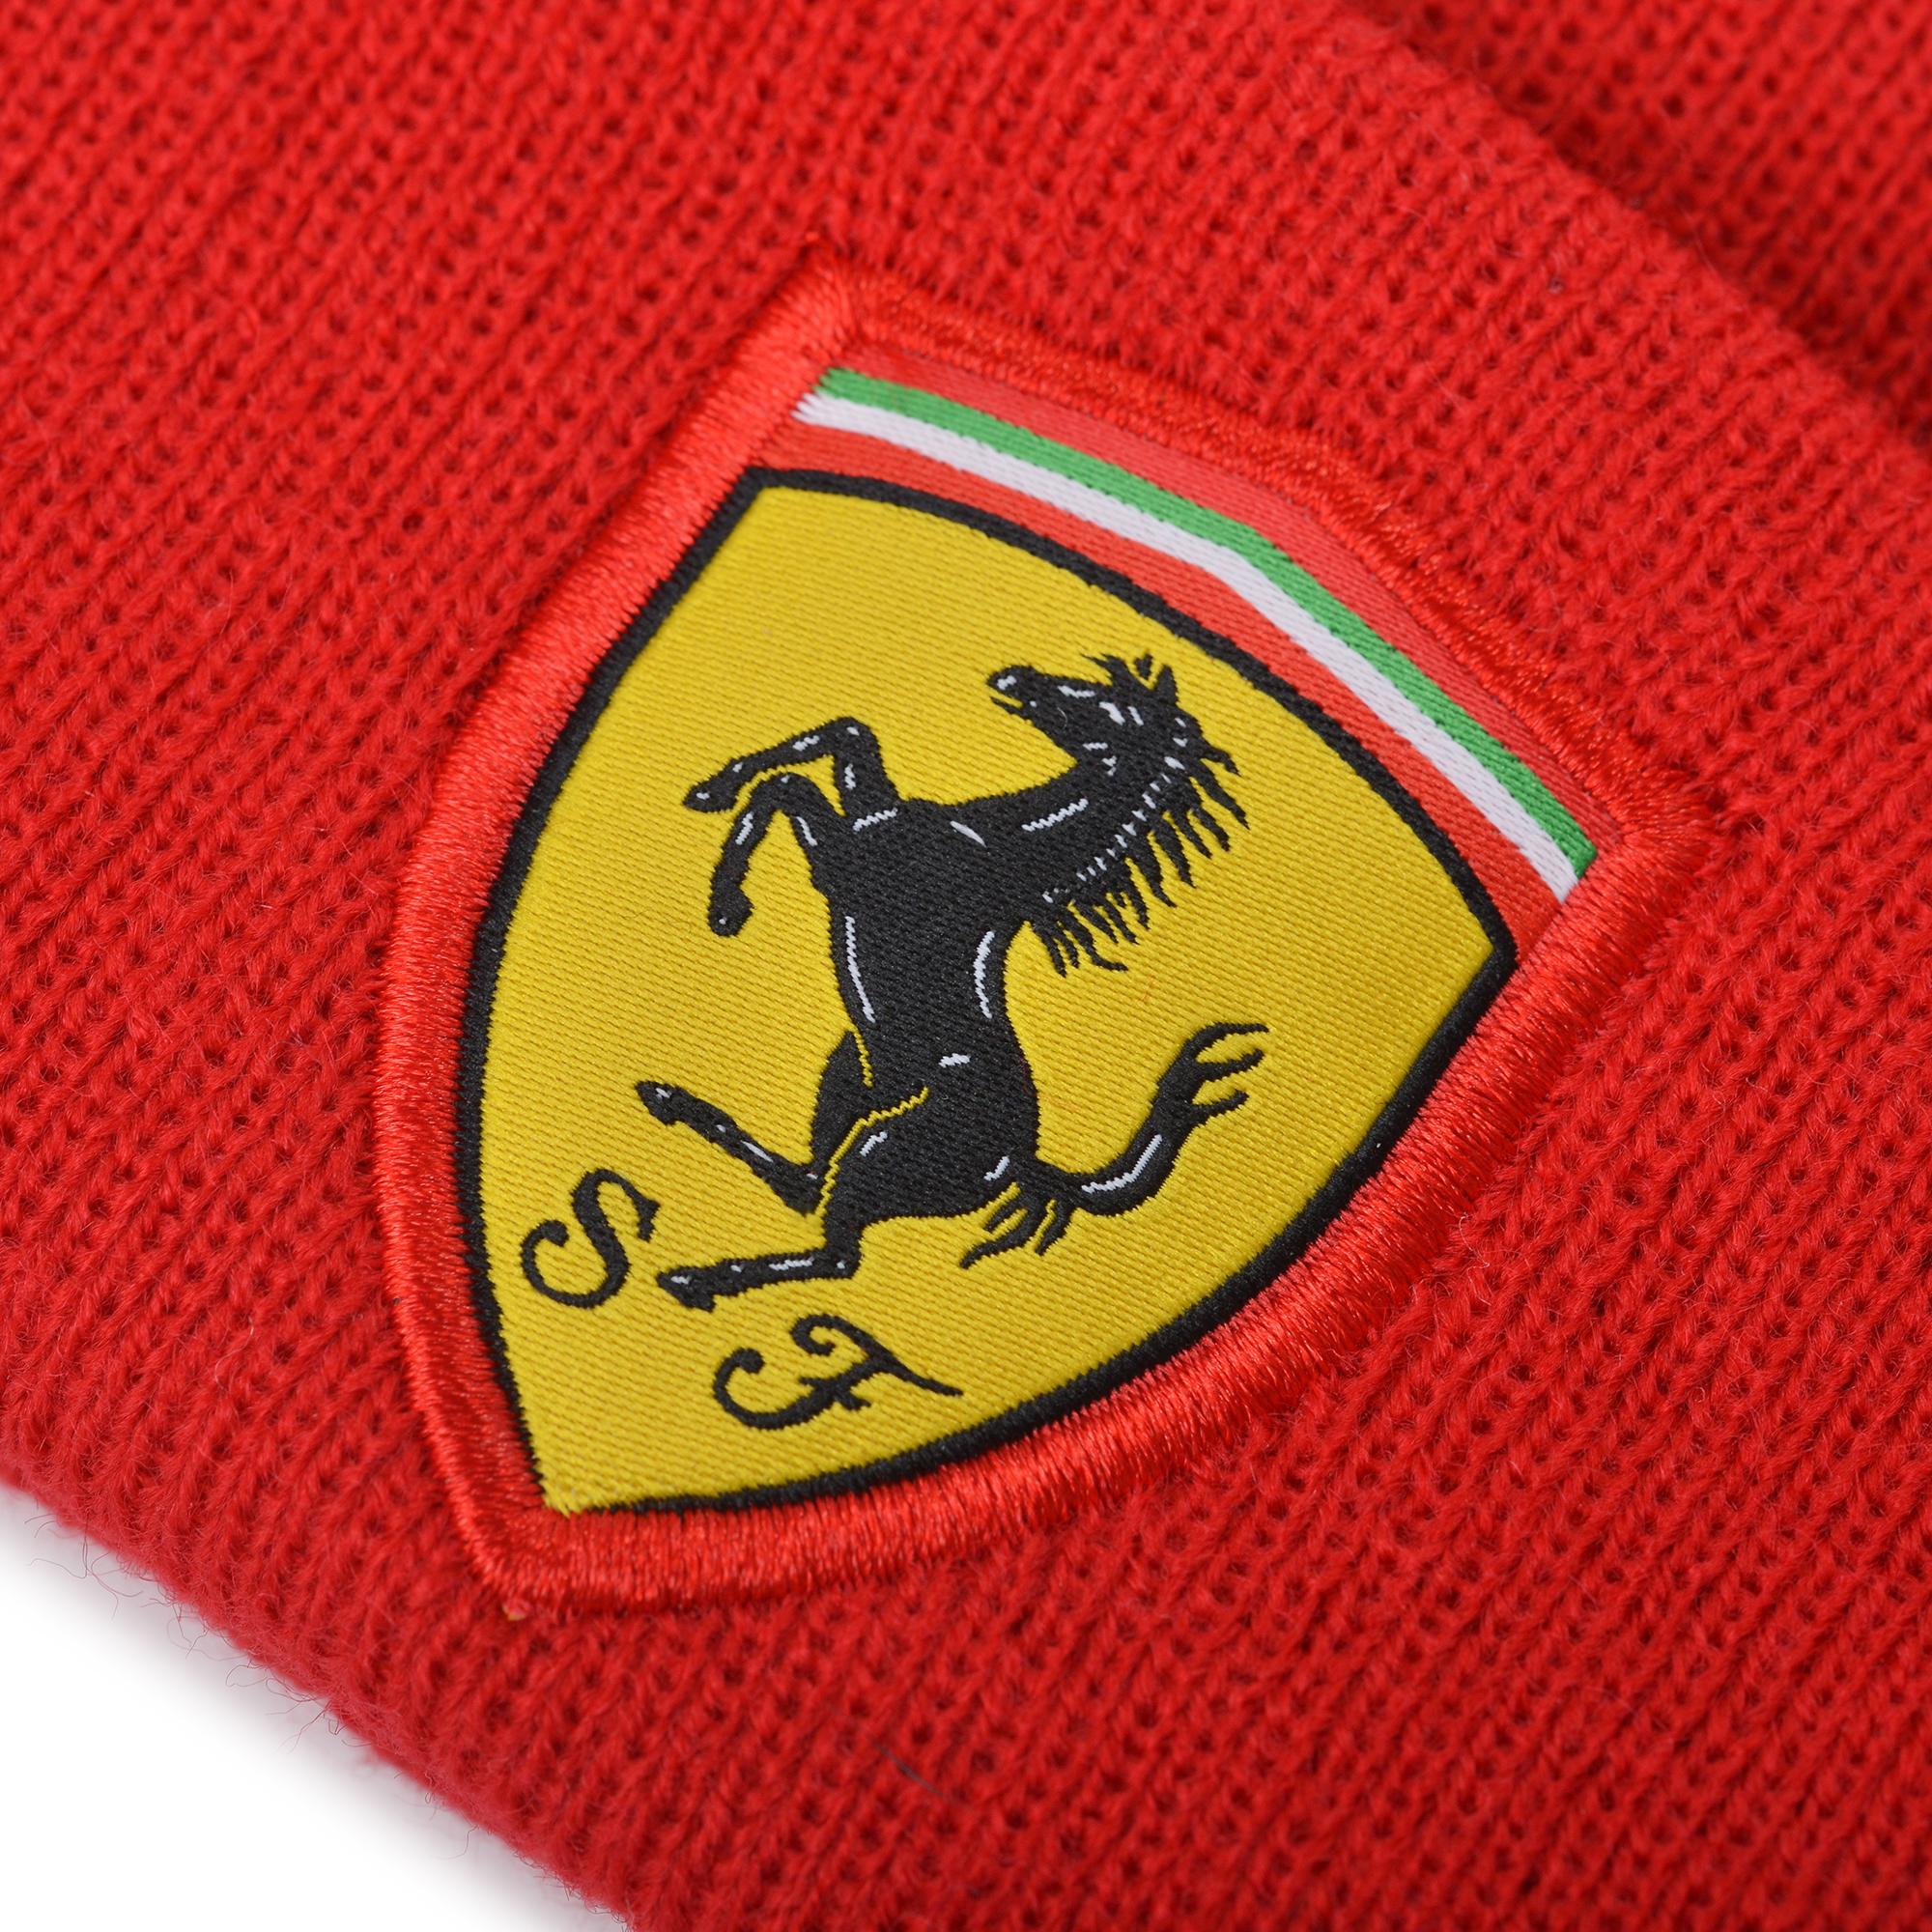 Sentinel Scuderia Ferrari F1 Formula One Team Beanie Winter Hat Red Adult  One Size 32ec9843f6c